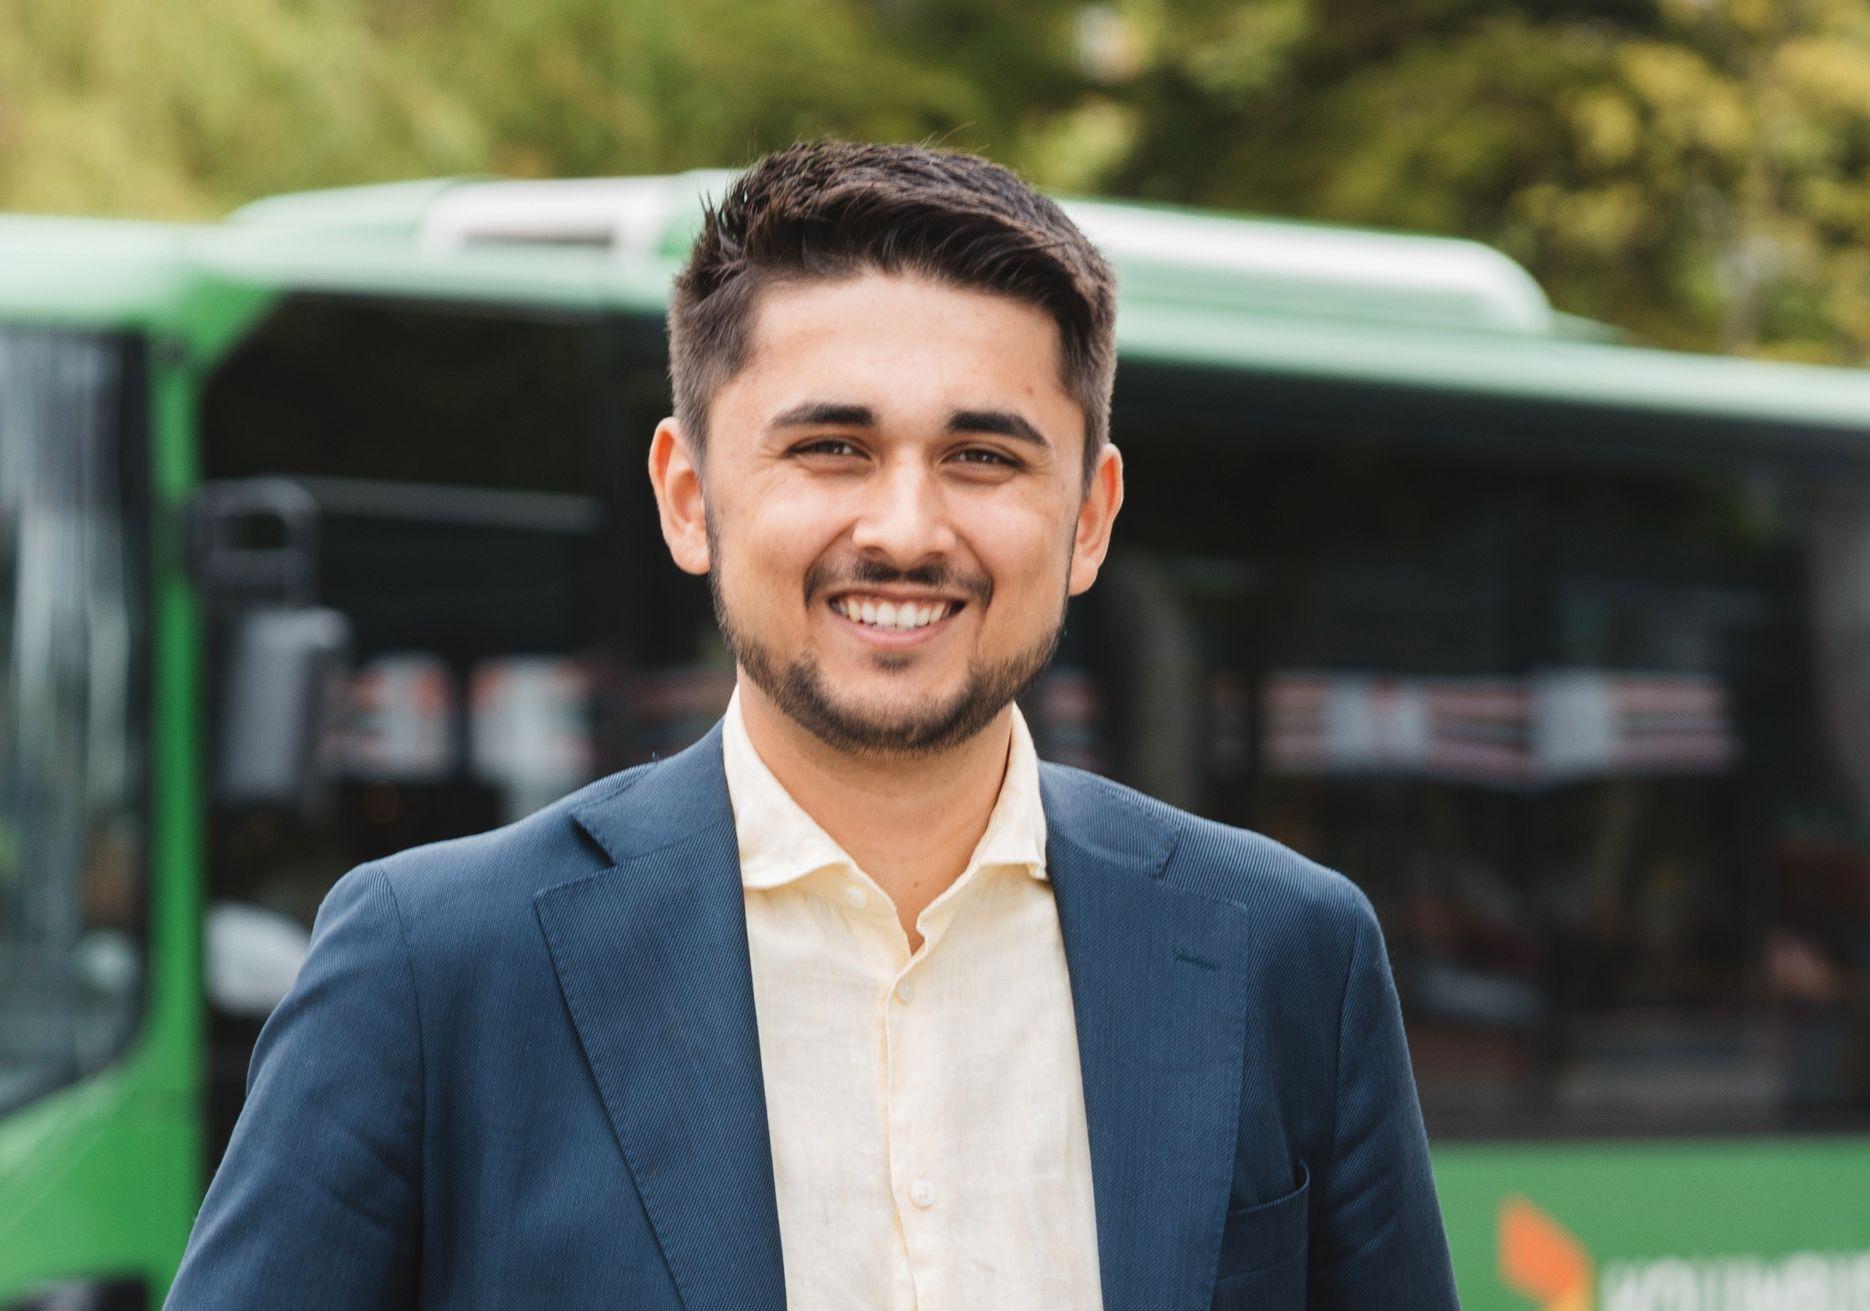 YNGST: Aldri før har en 21-åring blitt valgt til ordfører. Jonas Andersen Sayed ble valgt inn i kommunestyret allerede som 17-åring.